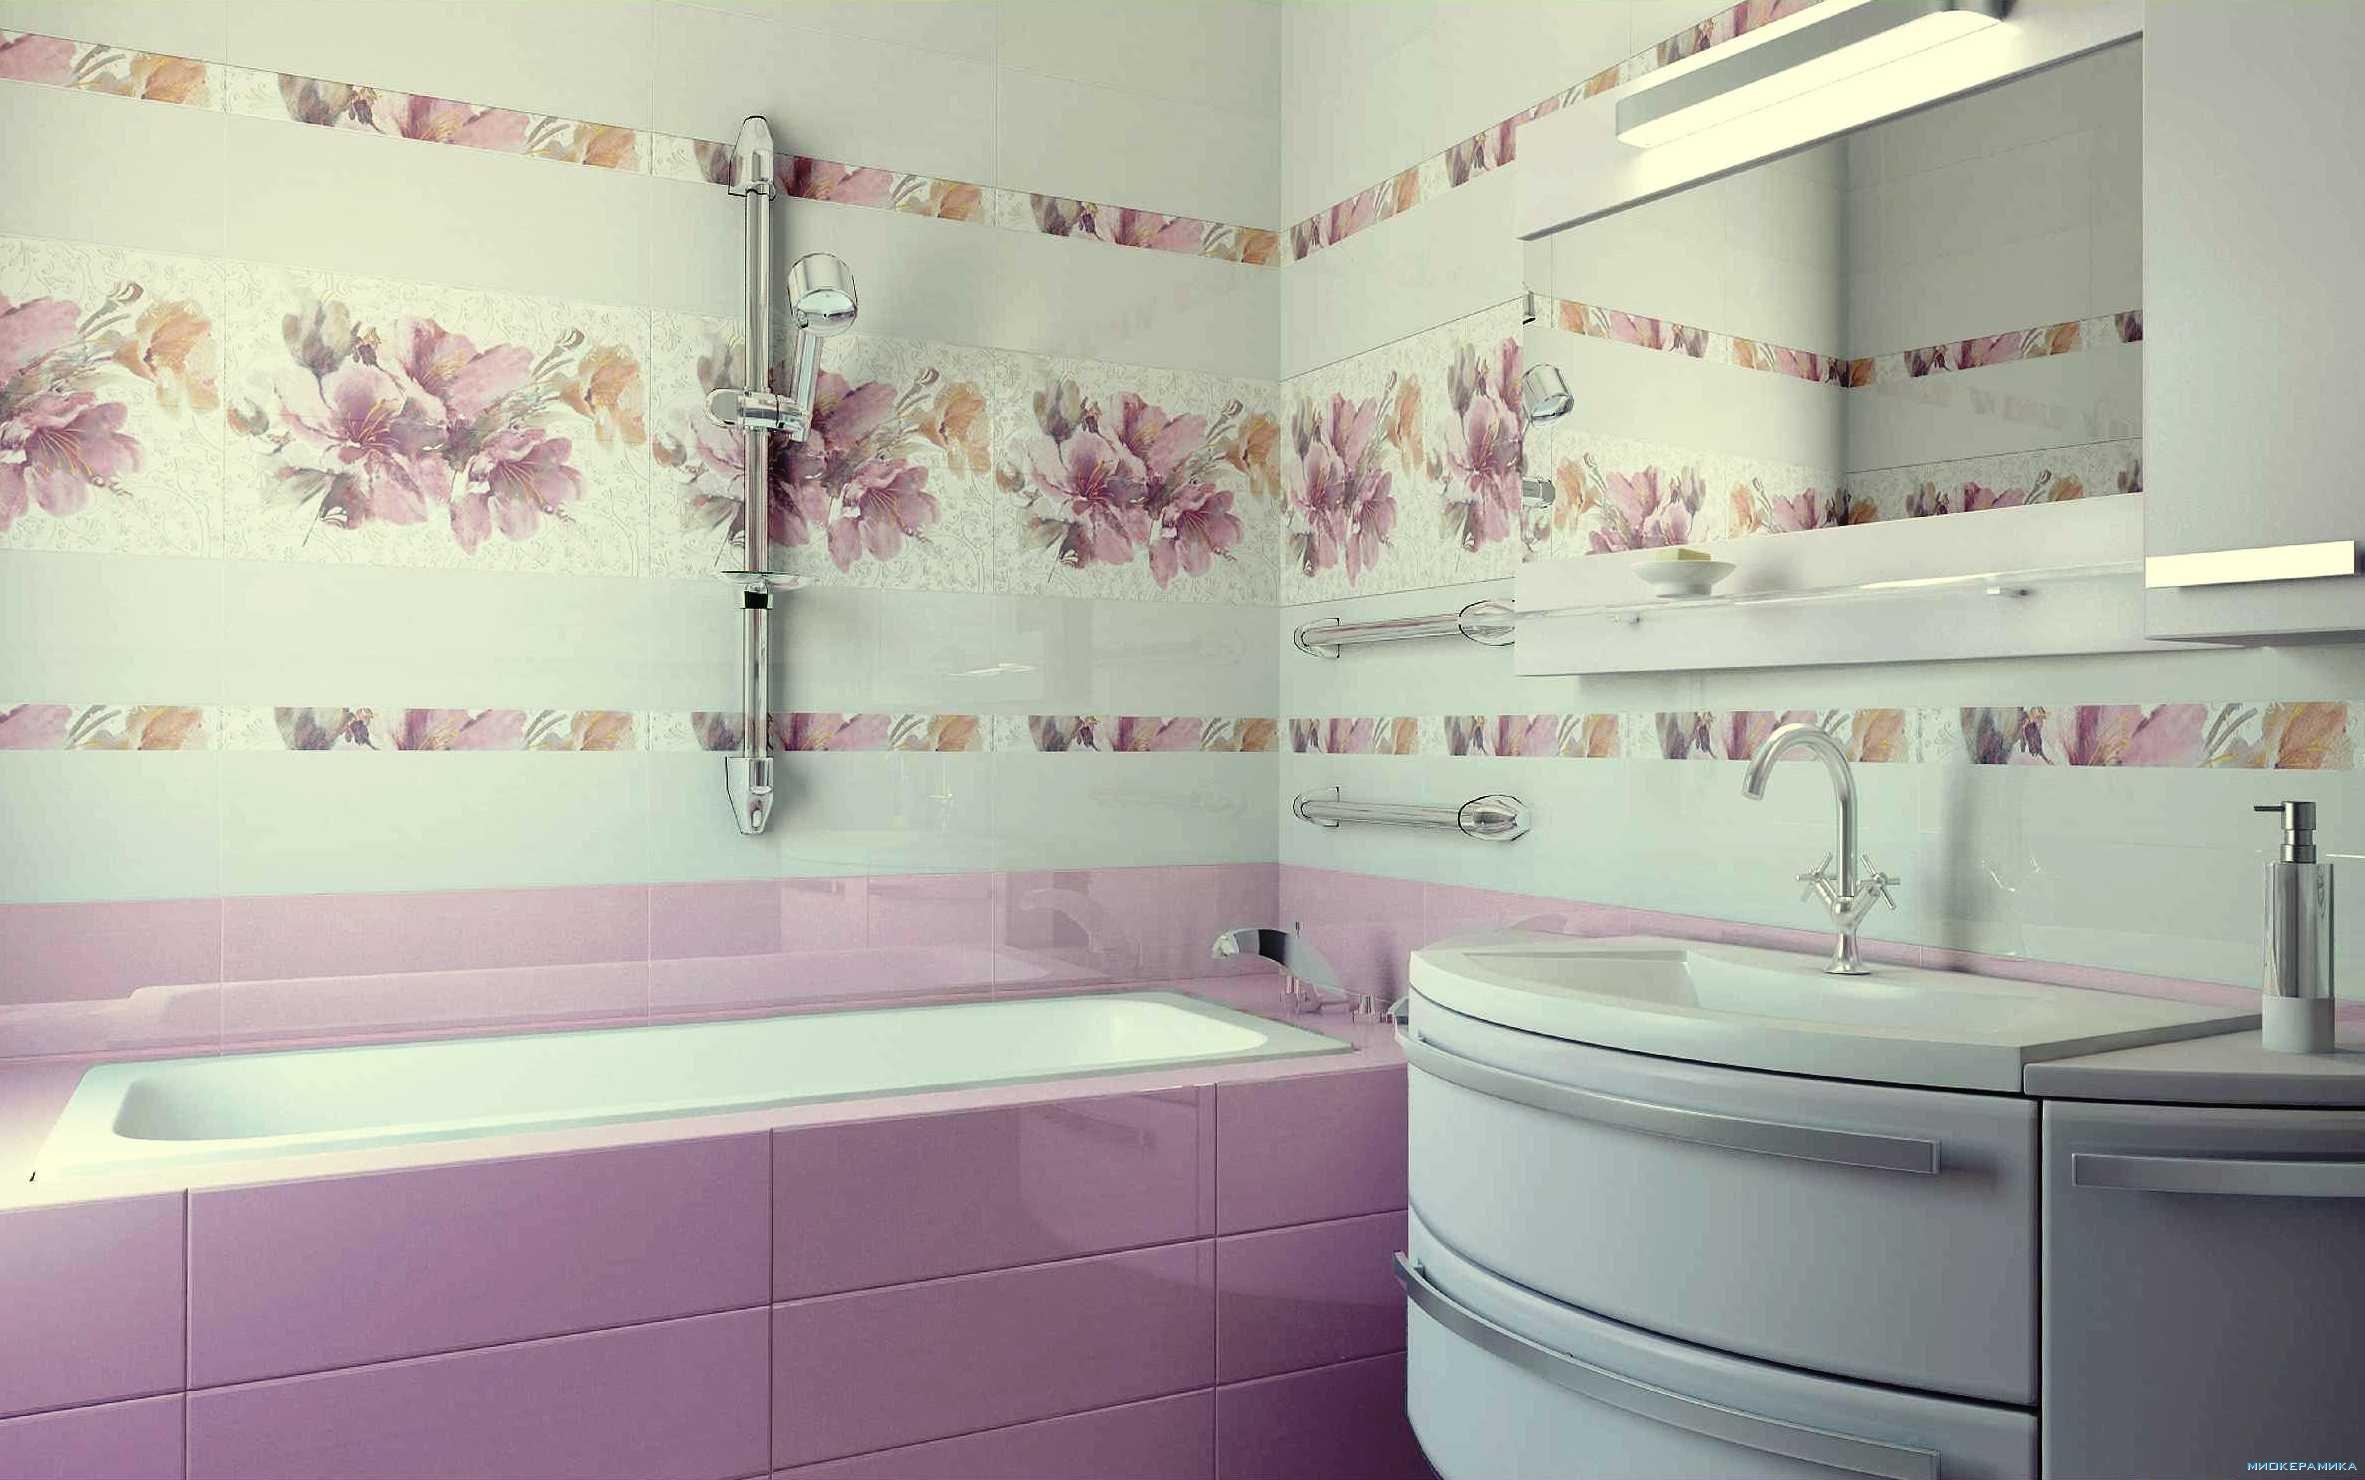 Сочетание белого и синего цвета в оформлении ванной комнаты кафельной плиткой